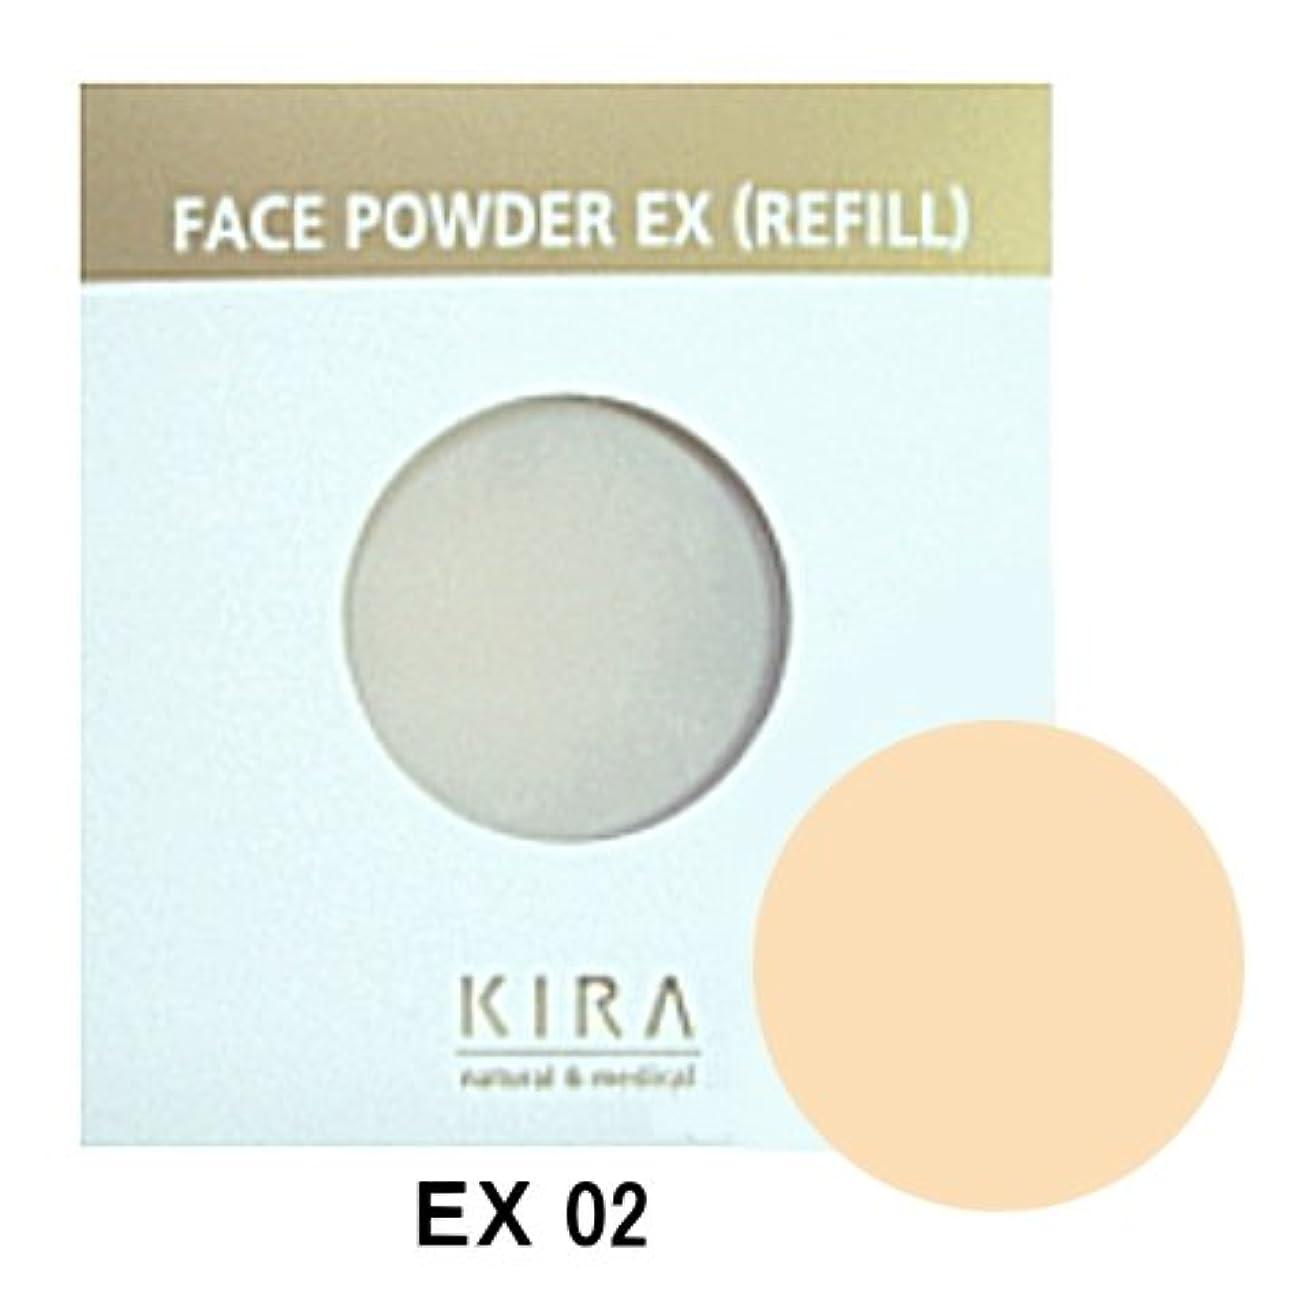 教養がある注入する有効綺羅化粧品 フェイスパウダーEX (ベージュ02) 《リフィル》 SPF15?PA++ (粉おしろい)